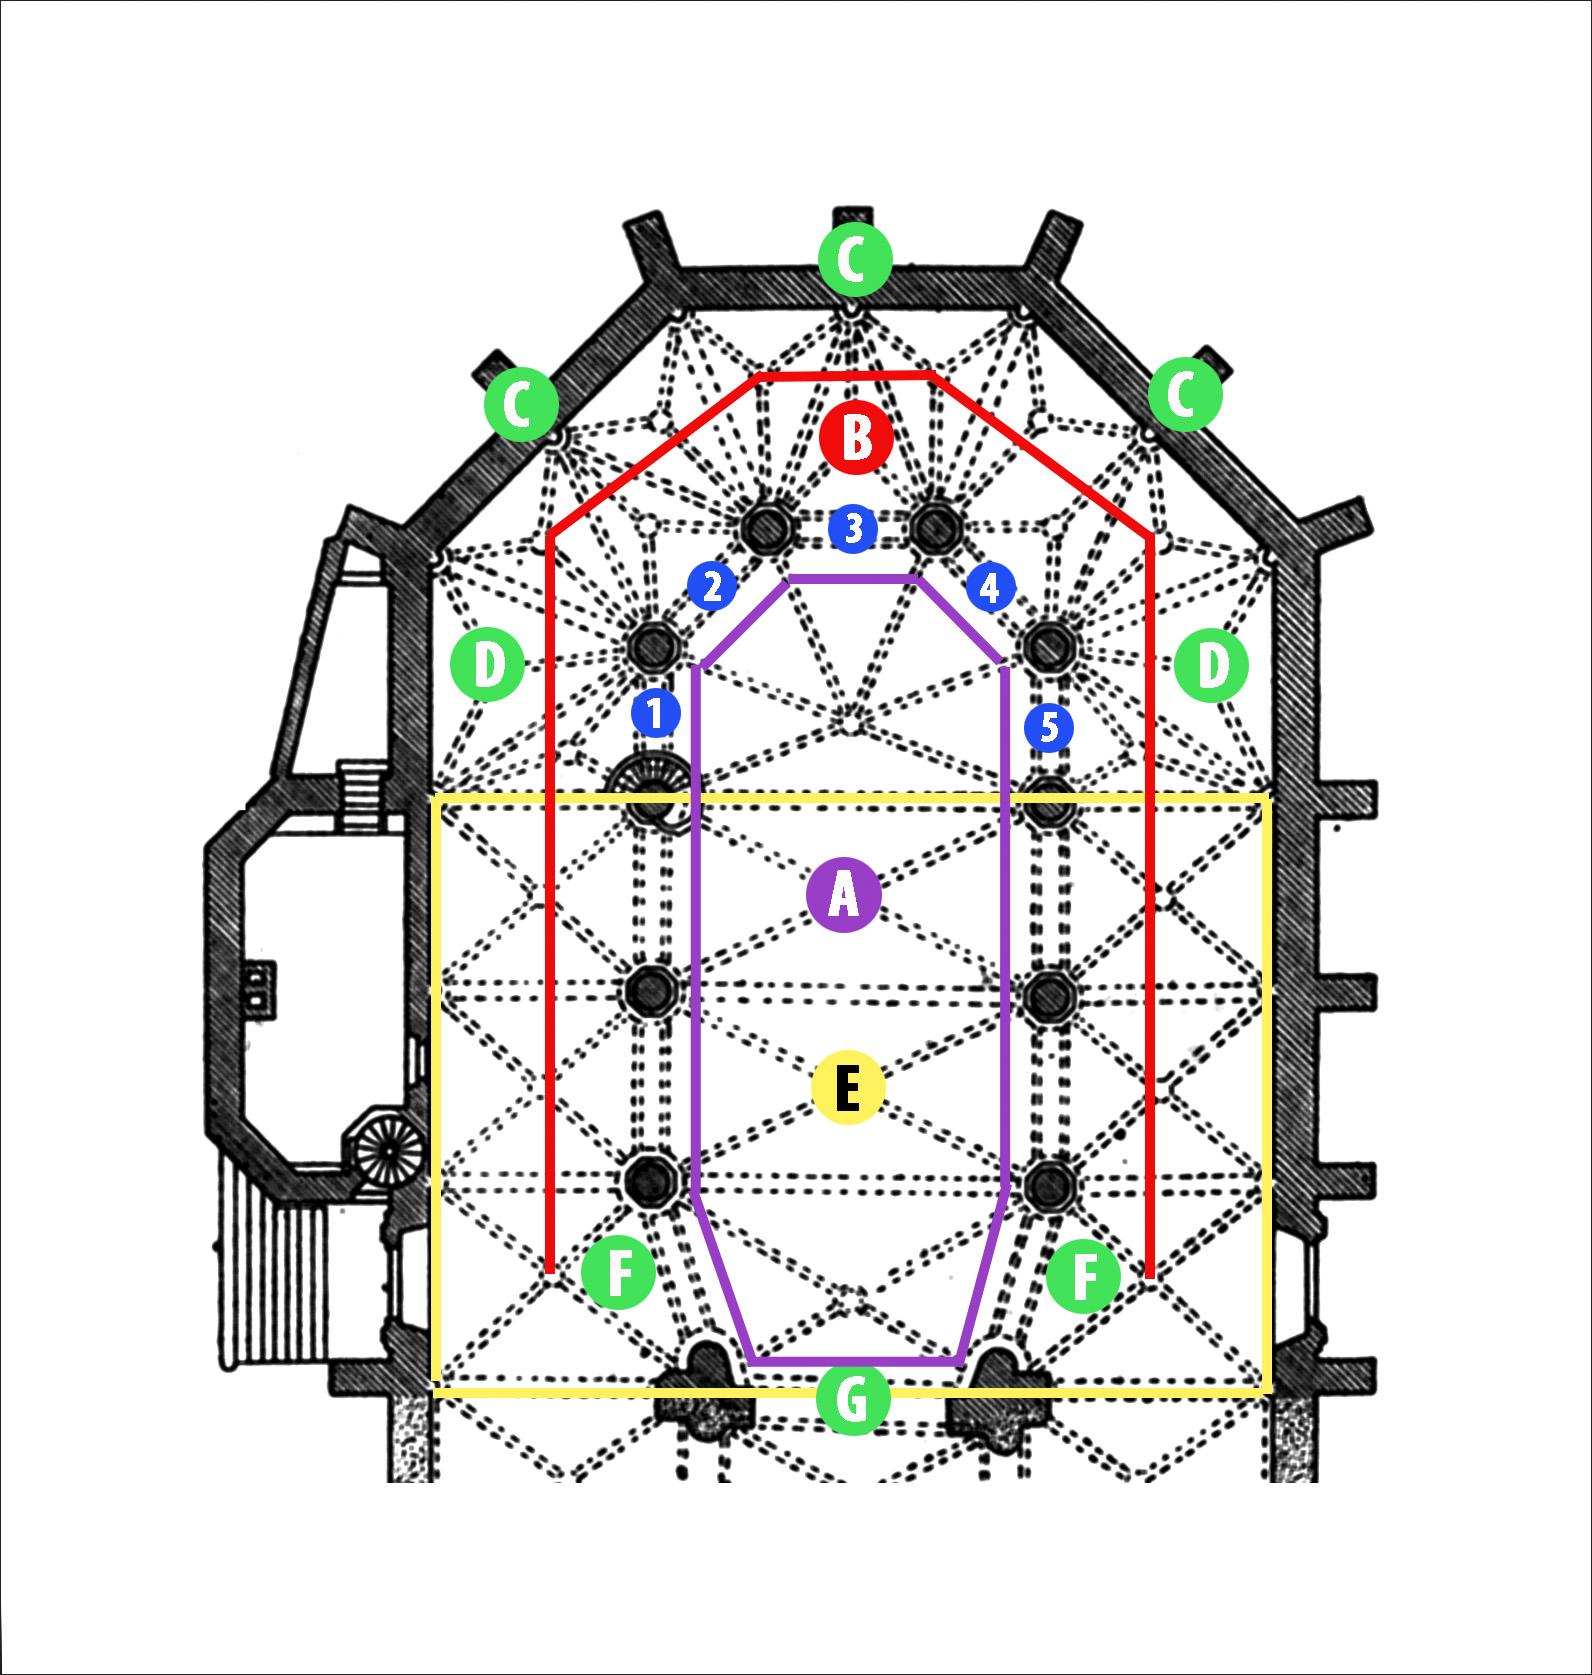 Heidelberg - Heiliggeistkirche - Grundriss des Chors (Quelle: Eberhard Zahn, Die Heiliggeistkirche zu Heidelberg, Plan 2, 1960, ergänzt um Legende)